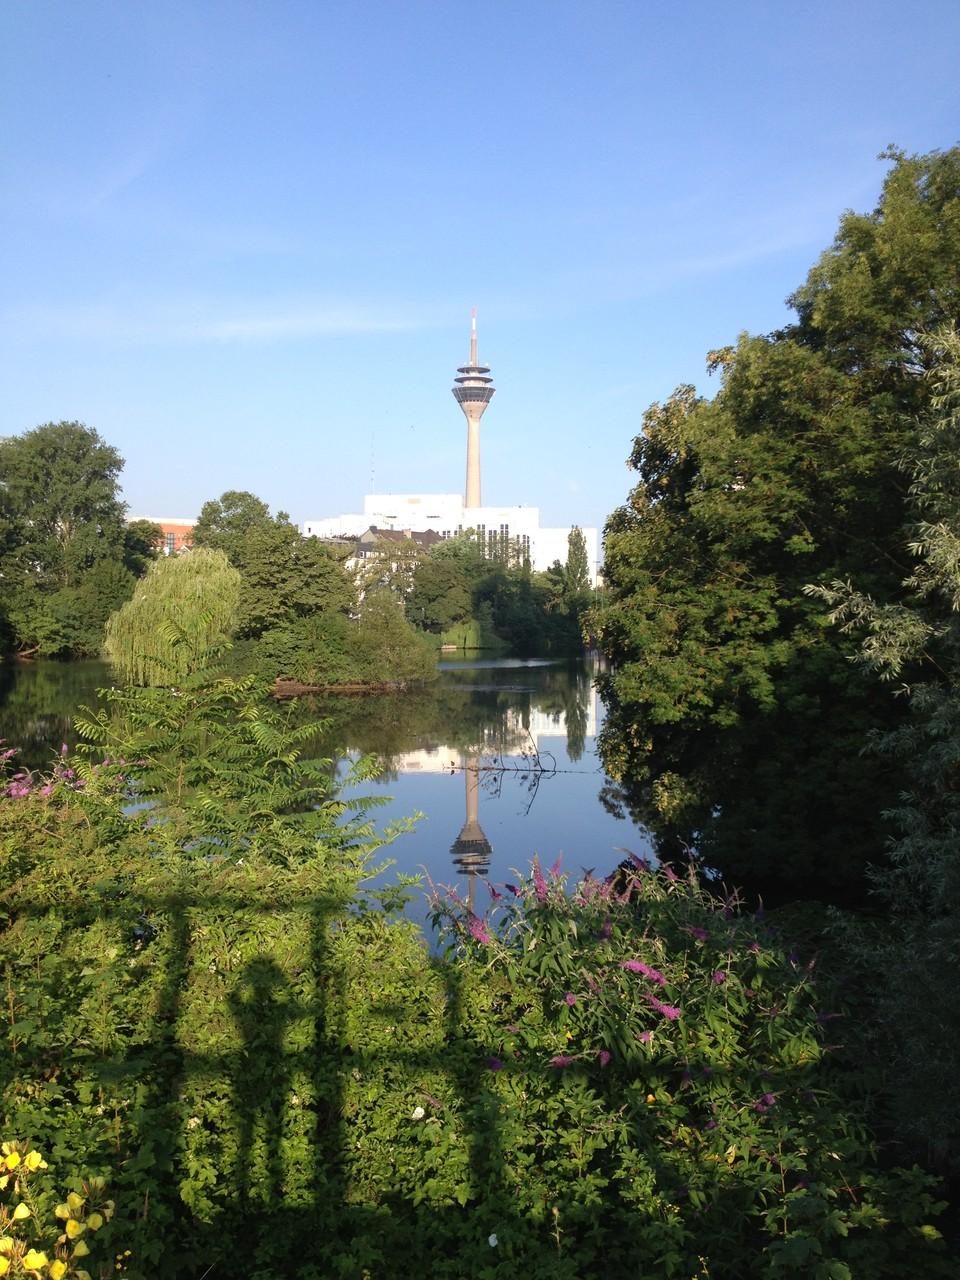 ランナーも多く見かける憩いの場「白鳥の公園」